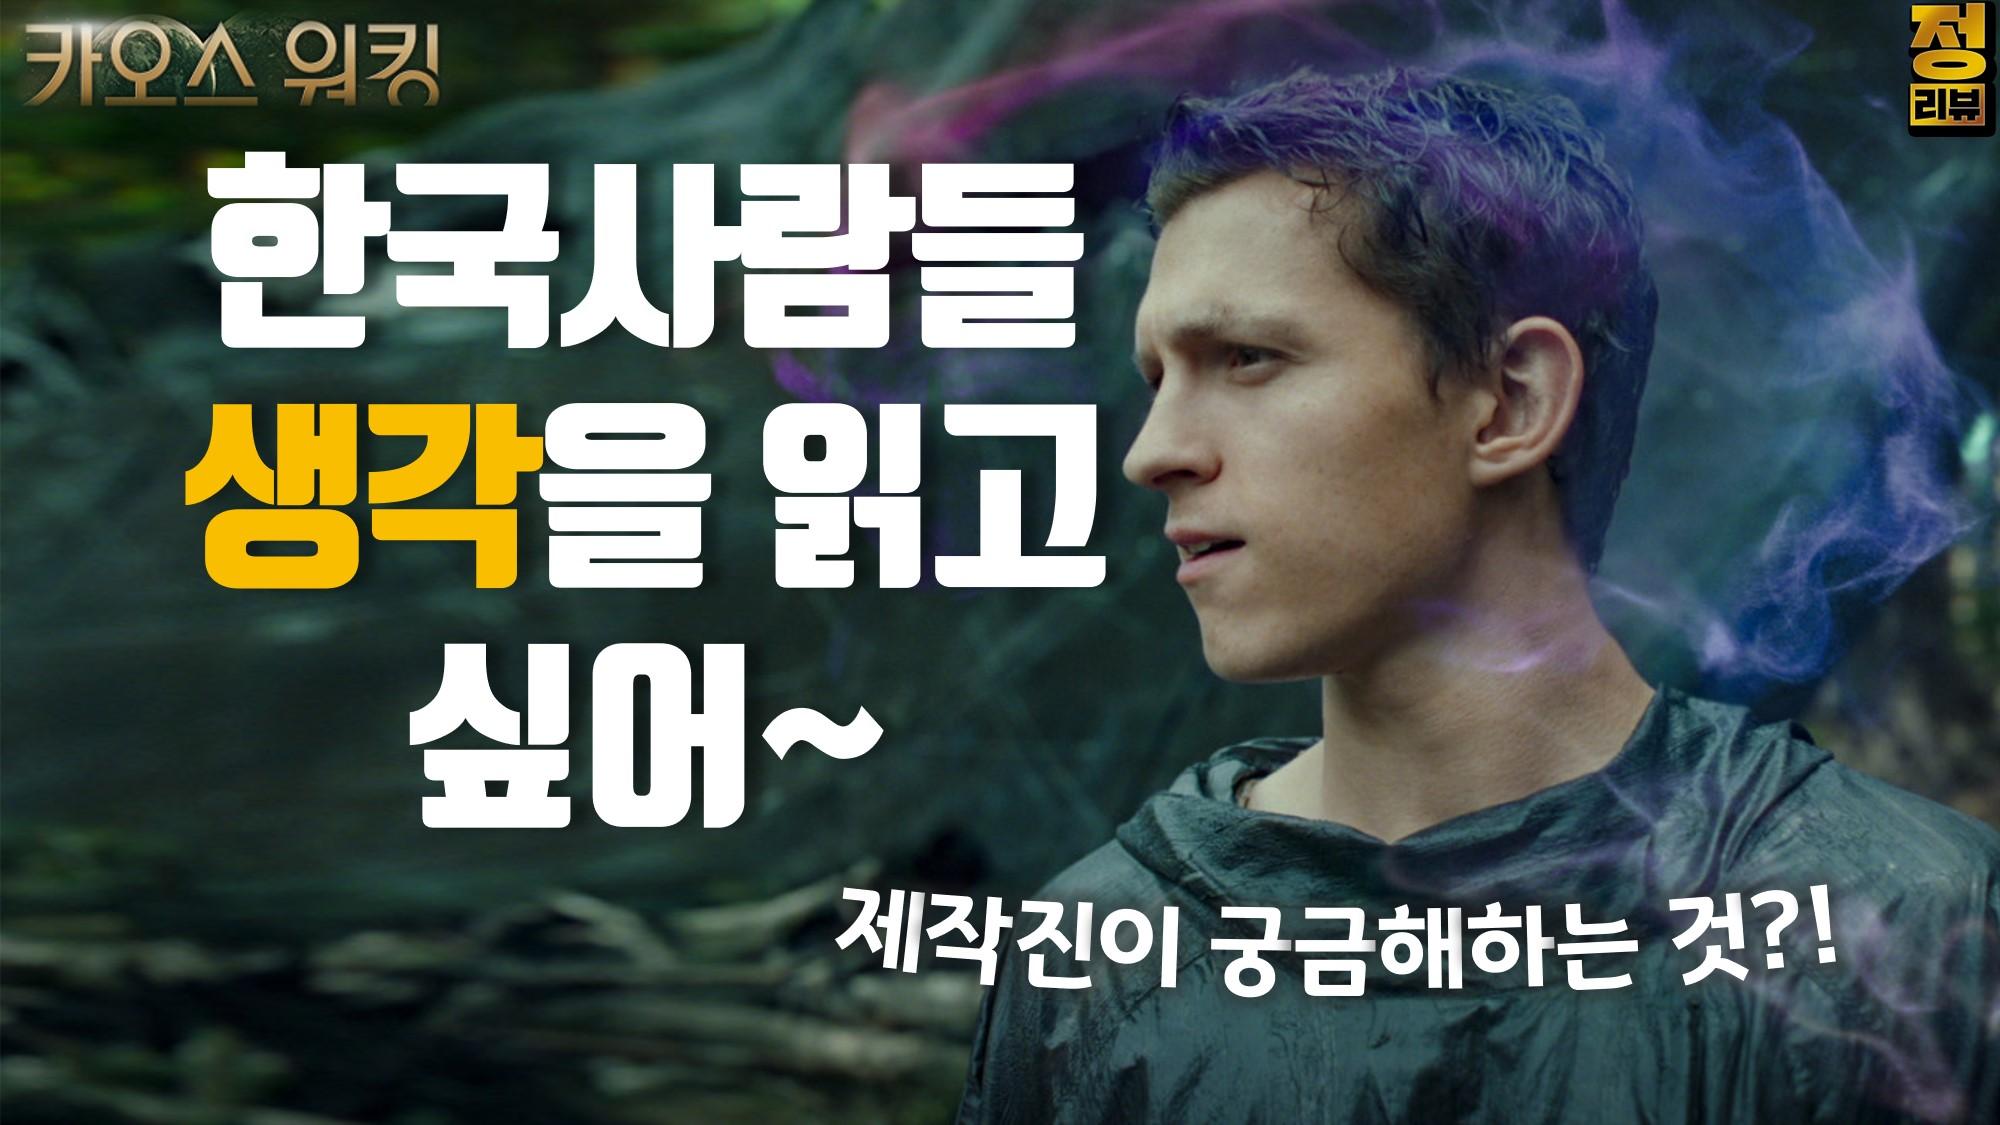 《카오스 워킹》 제작진, 전세계 개봉전 한국사람 생각부터 읽고 싶어~